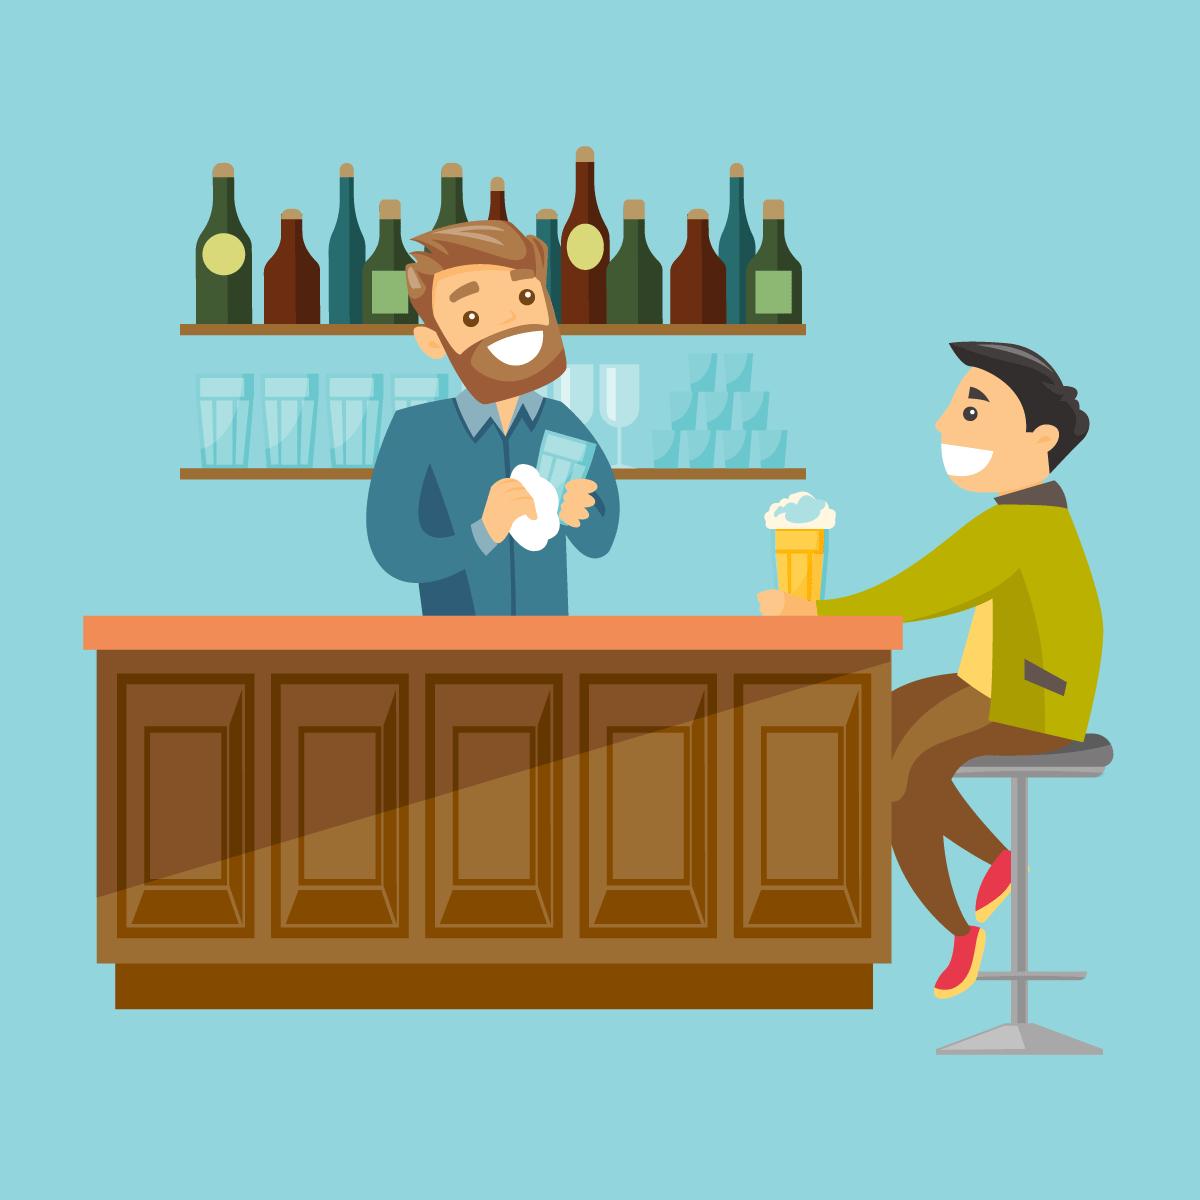 Анекдот о том, как у бармена подставки под пиво пропадали